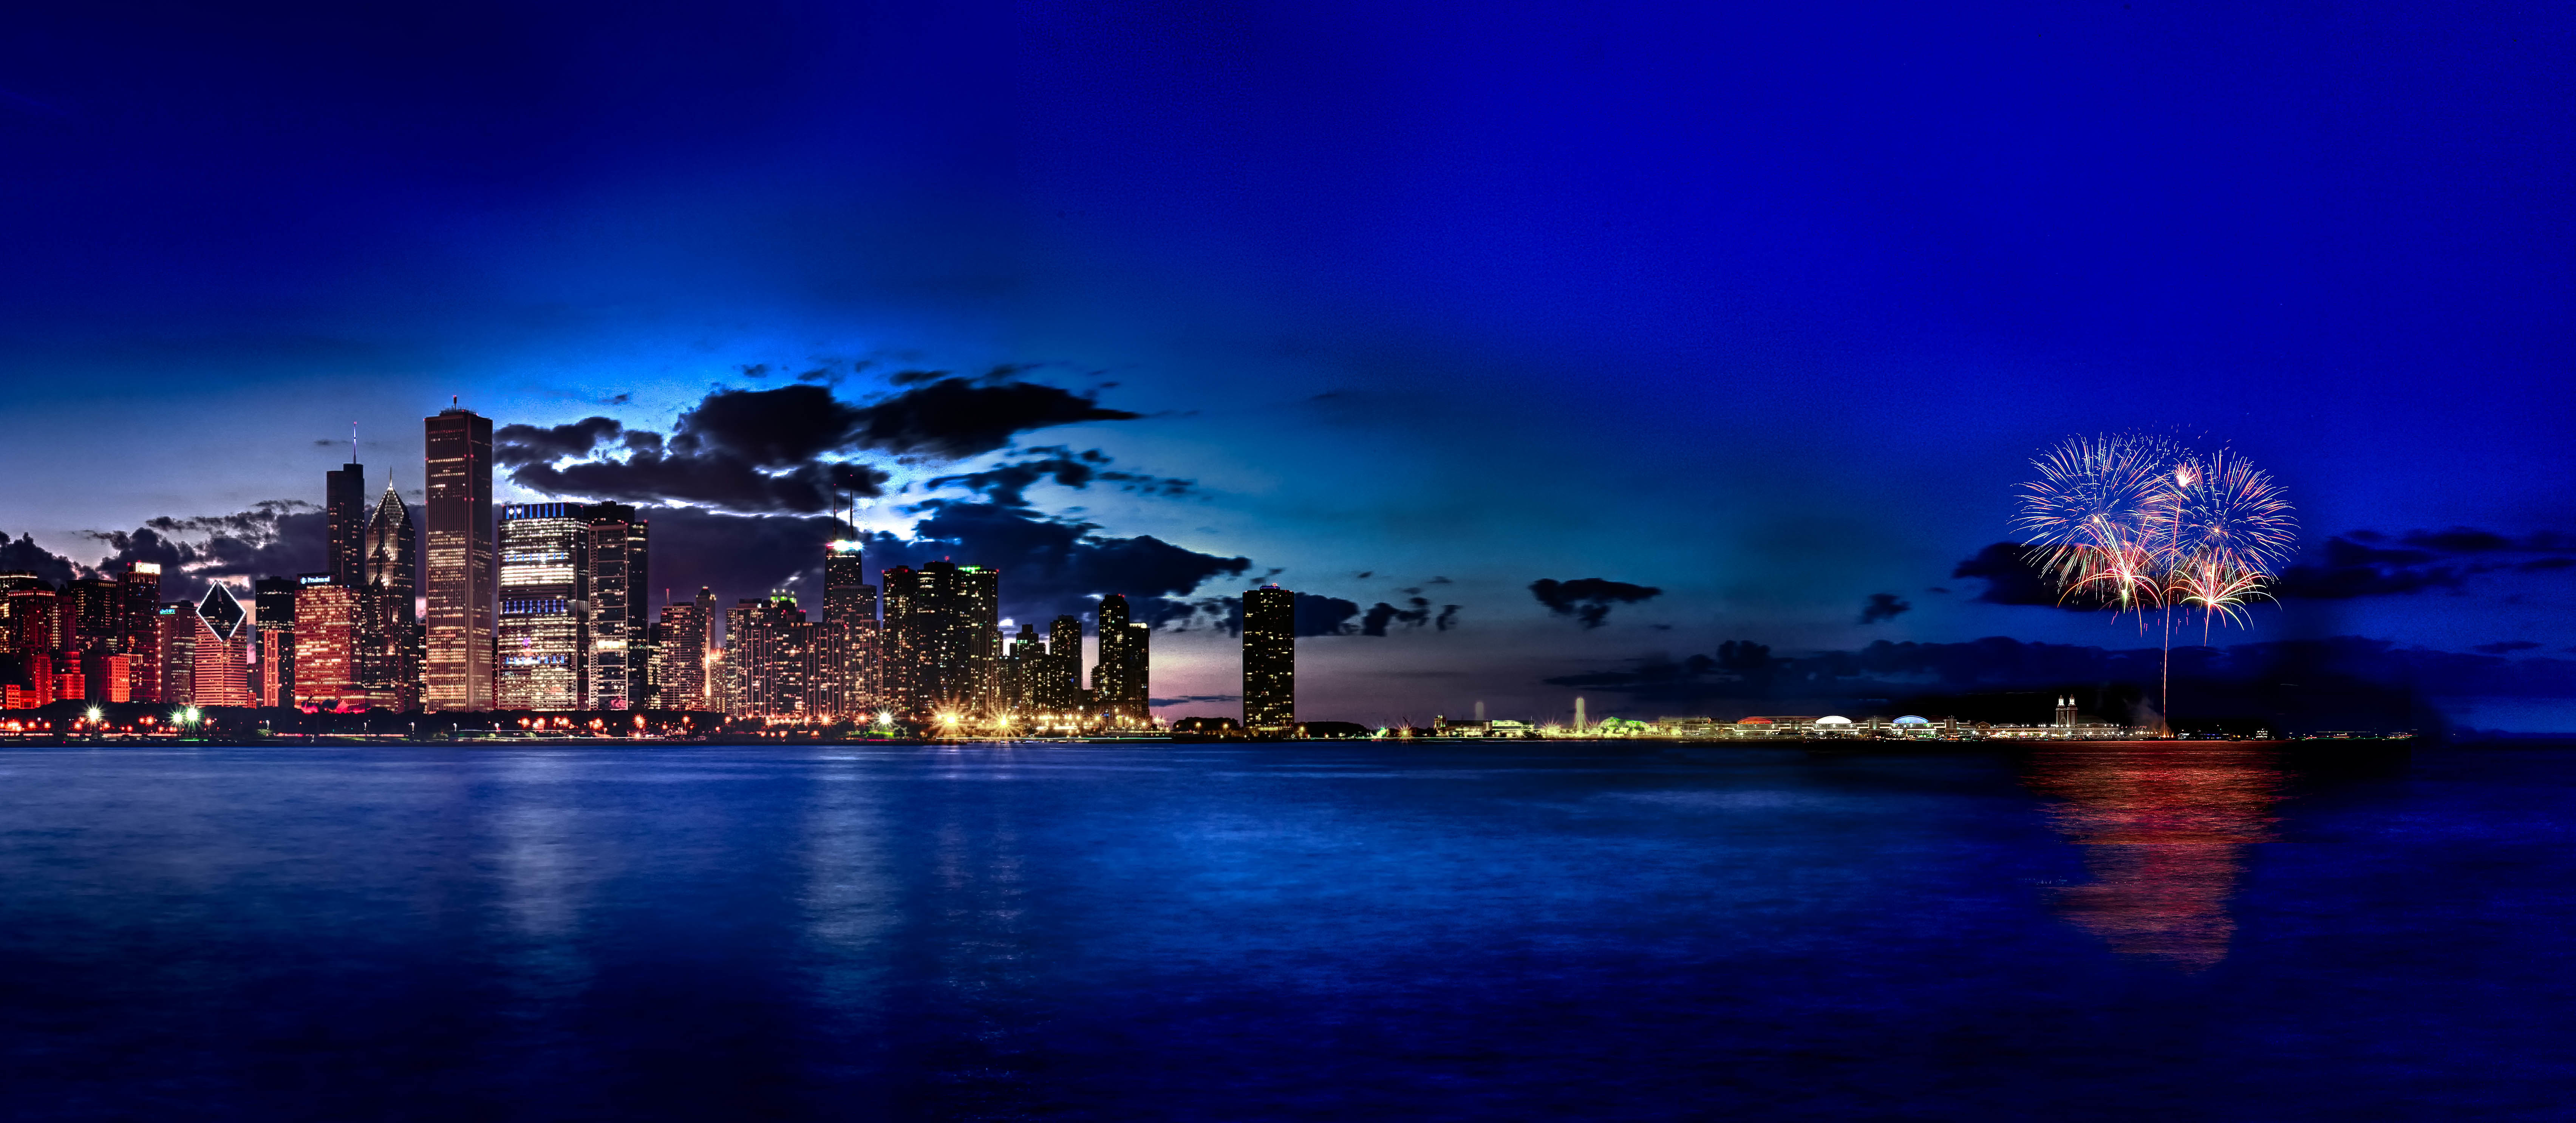 Ночной чикаго на побережье  № 282687 бесплатно